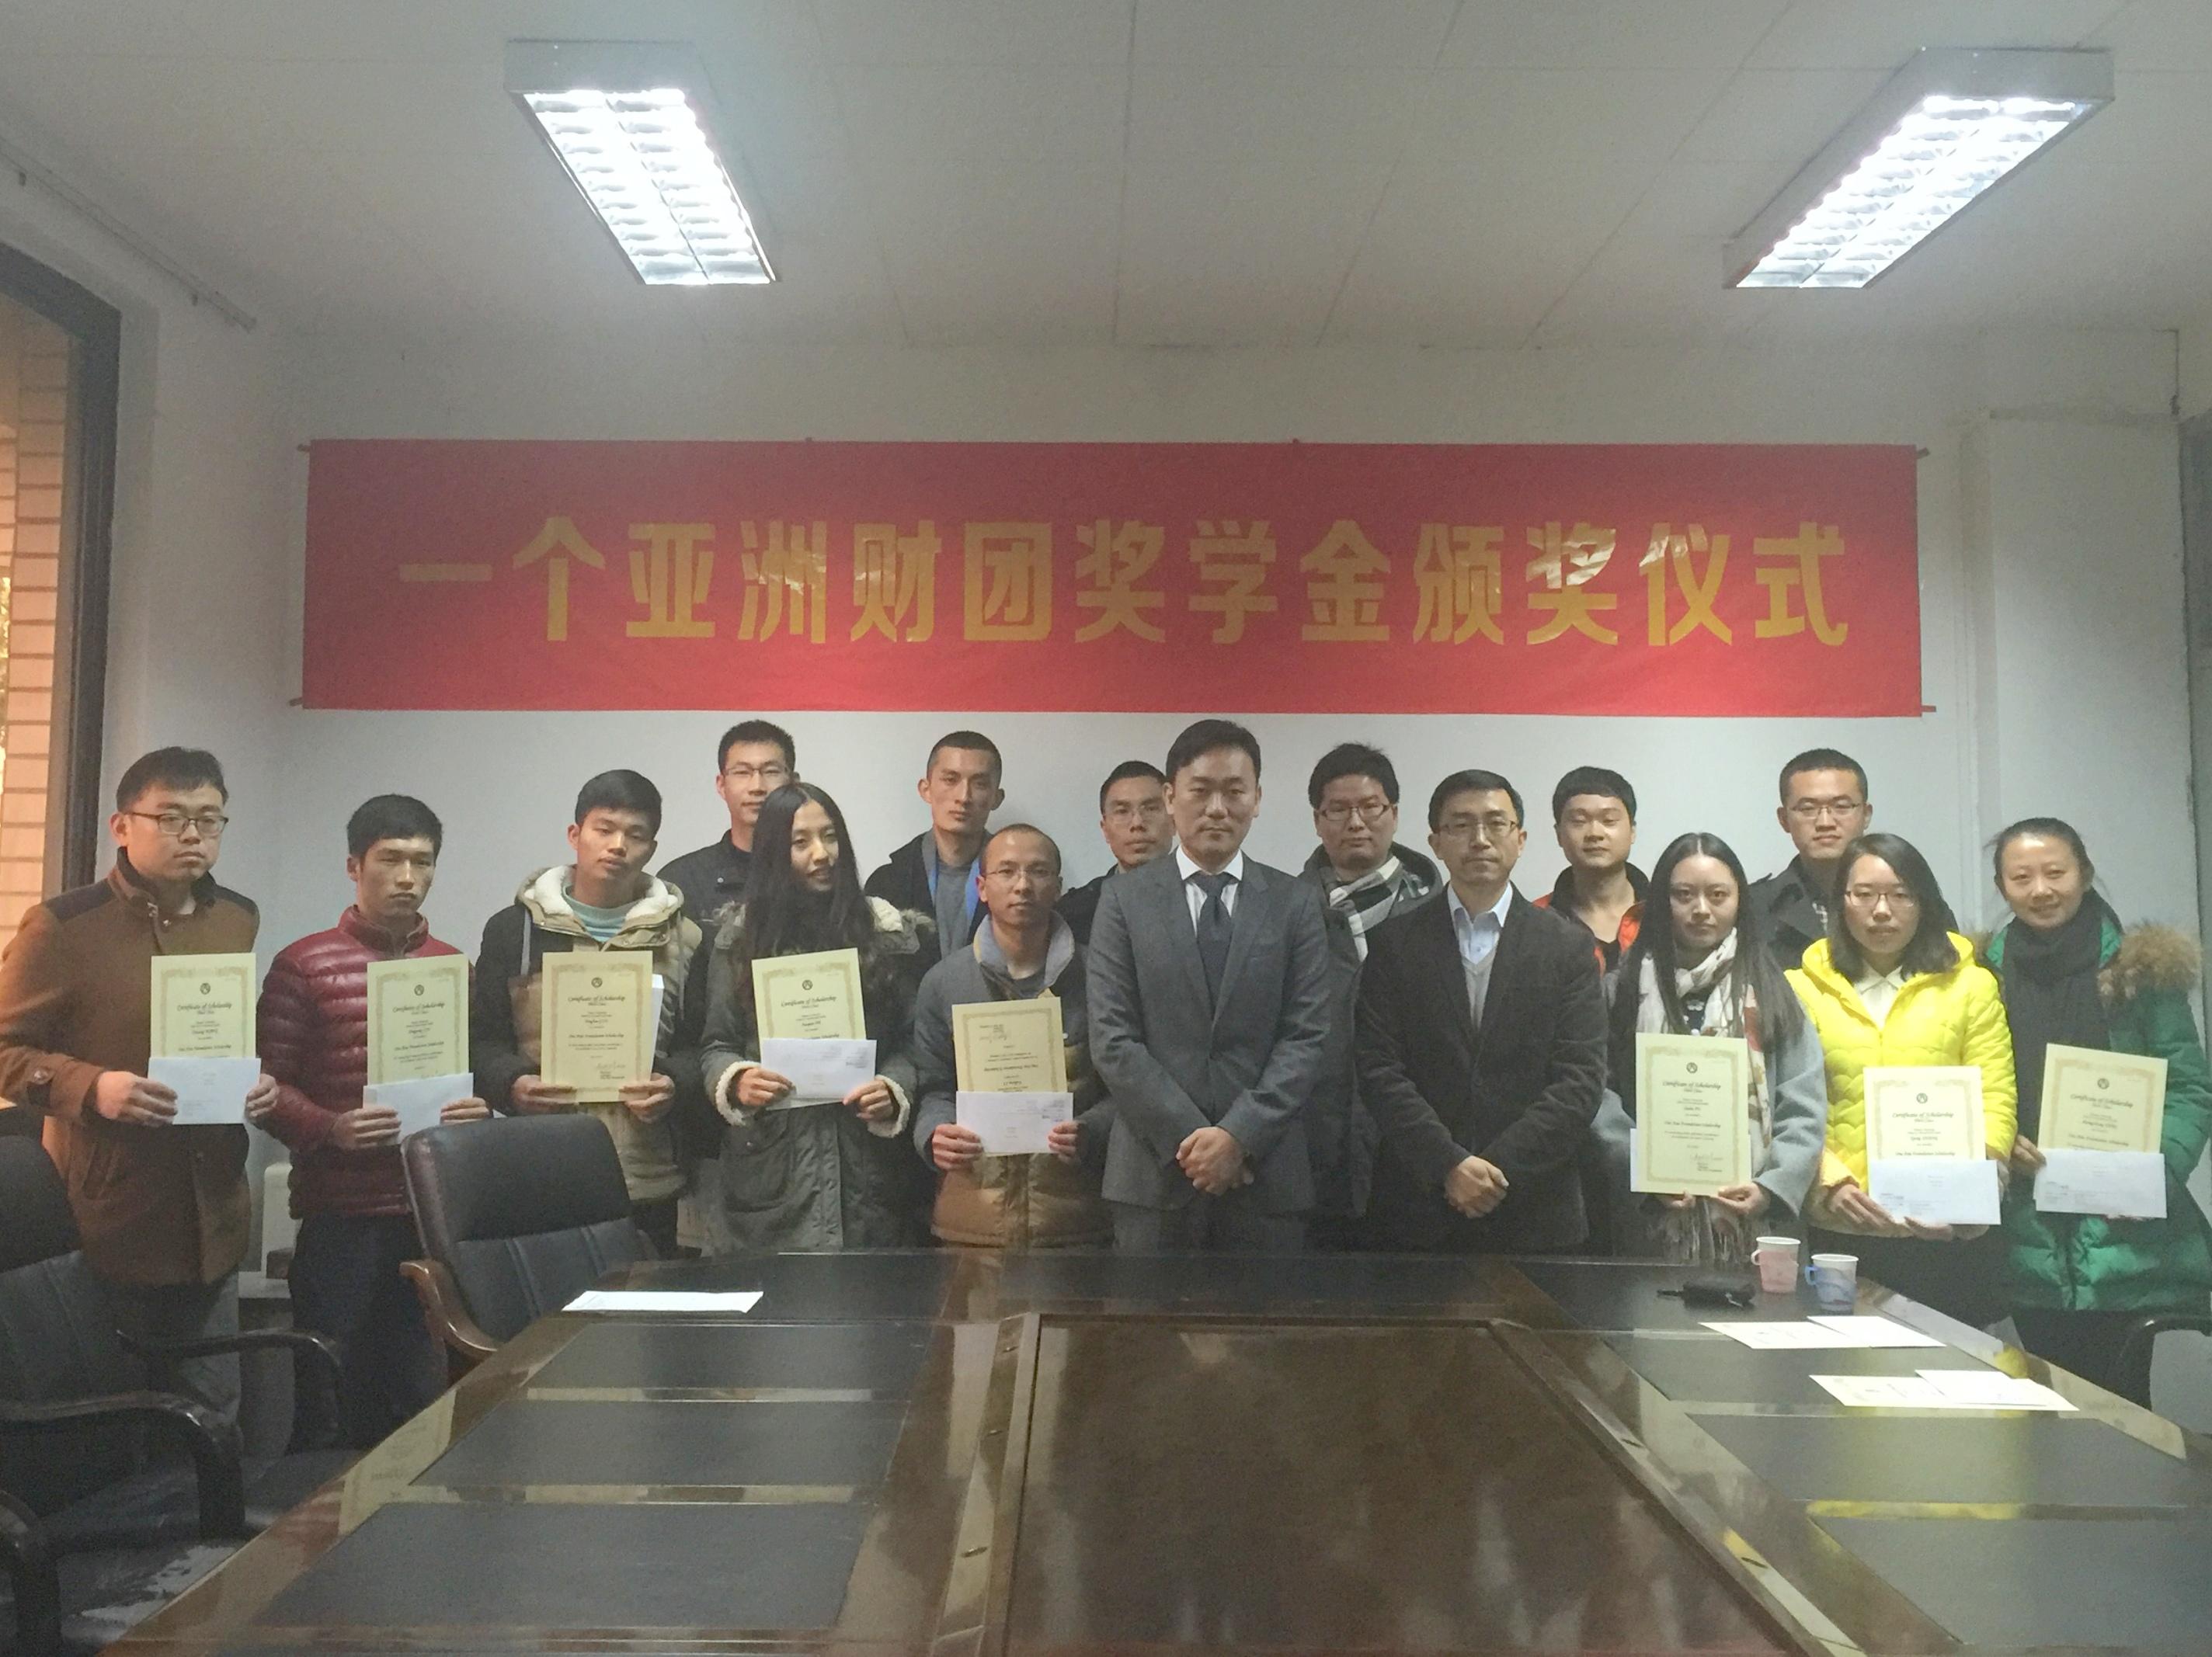 20151218_雲南大学